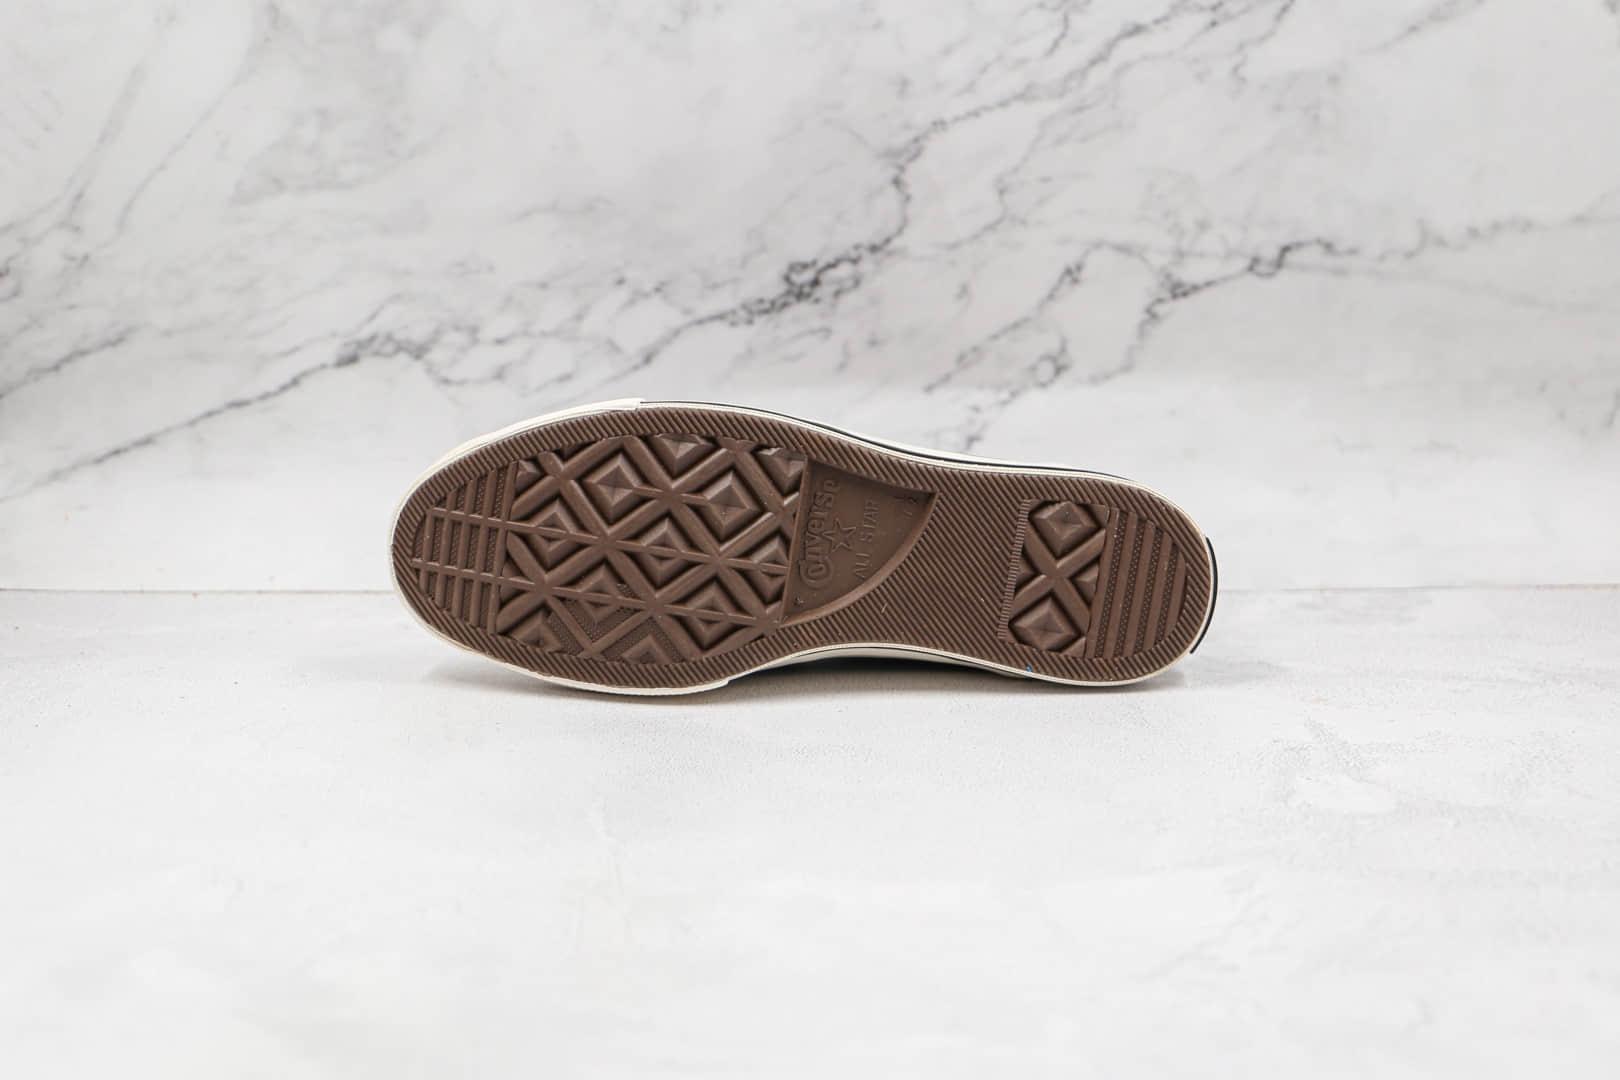 匡威Converse 1970s GORE-TEX公司级版本高帮灰色车线硫化帆布鞋原档案数据开发